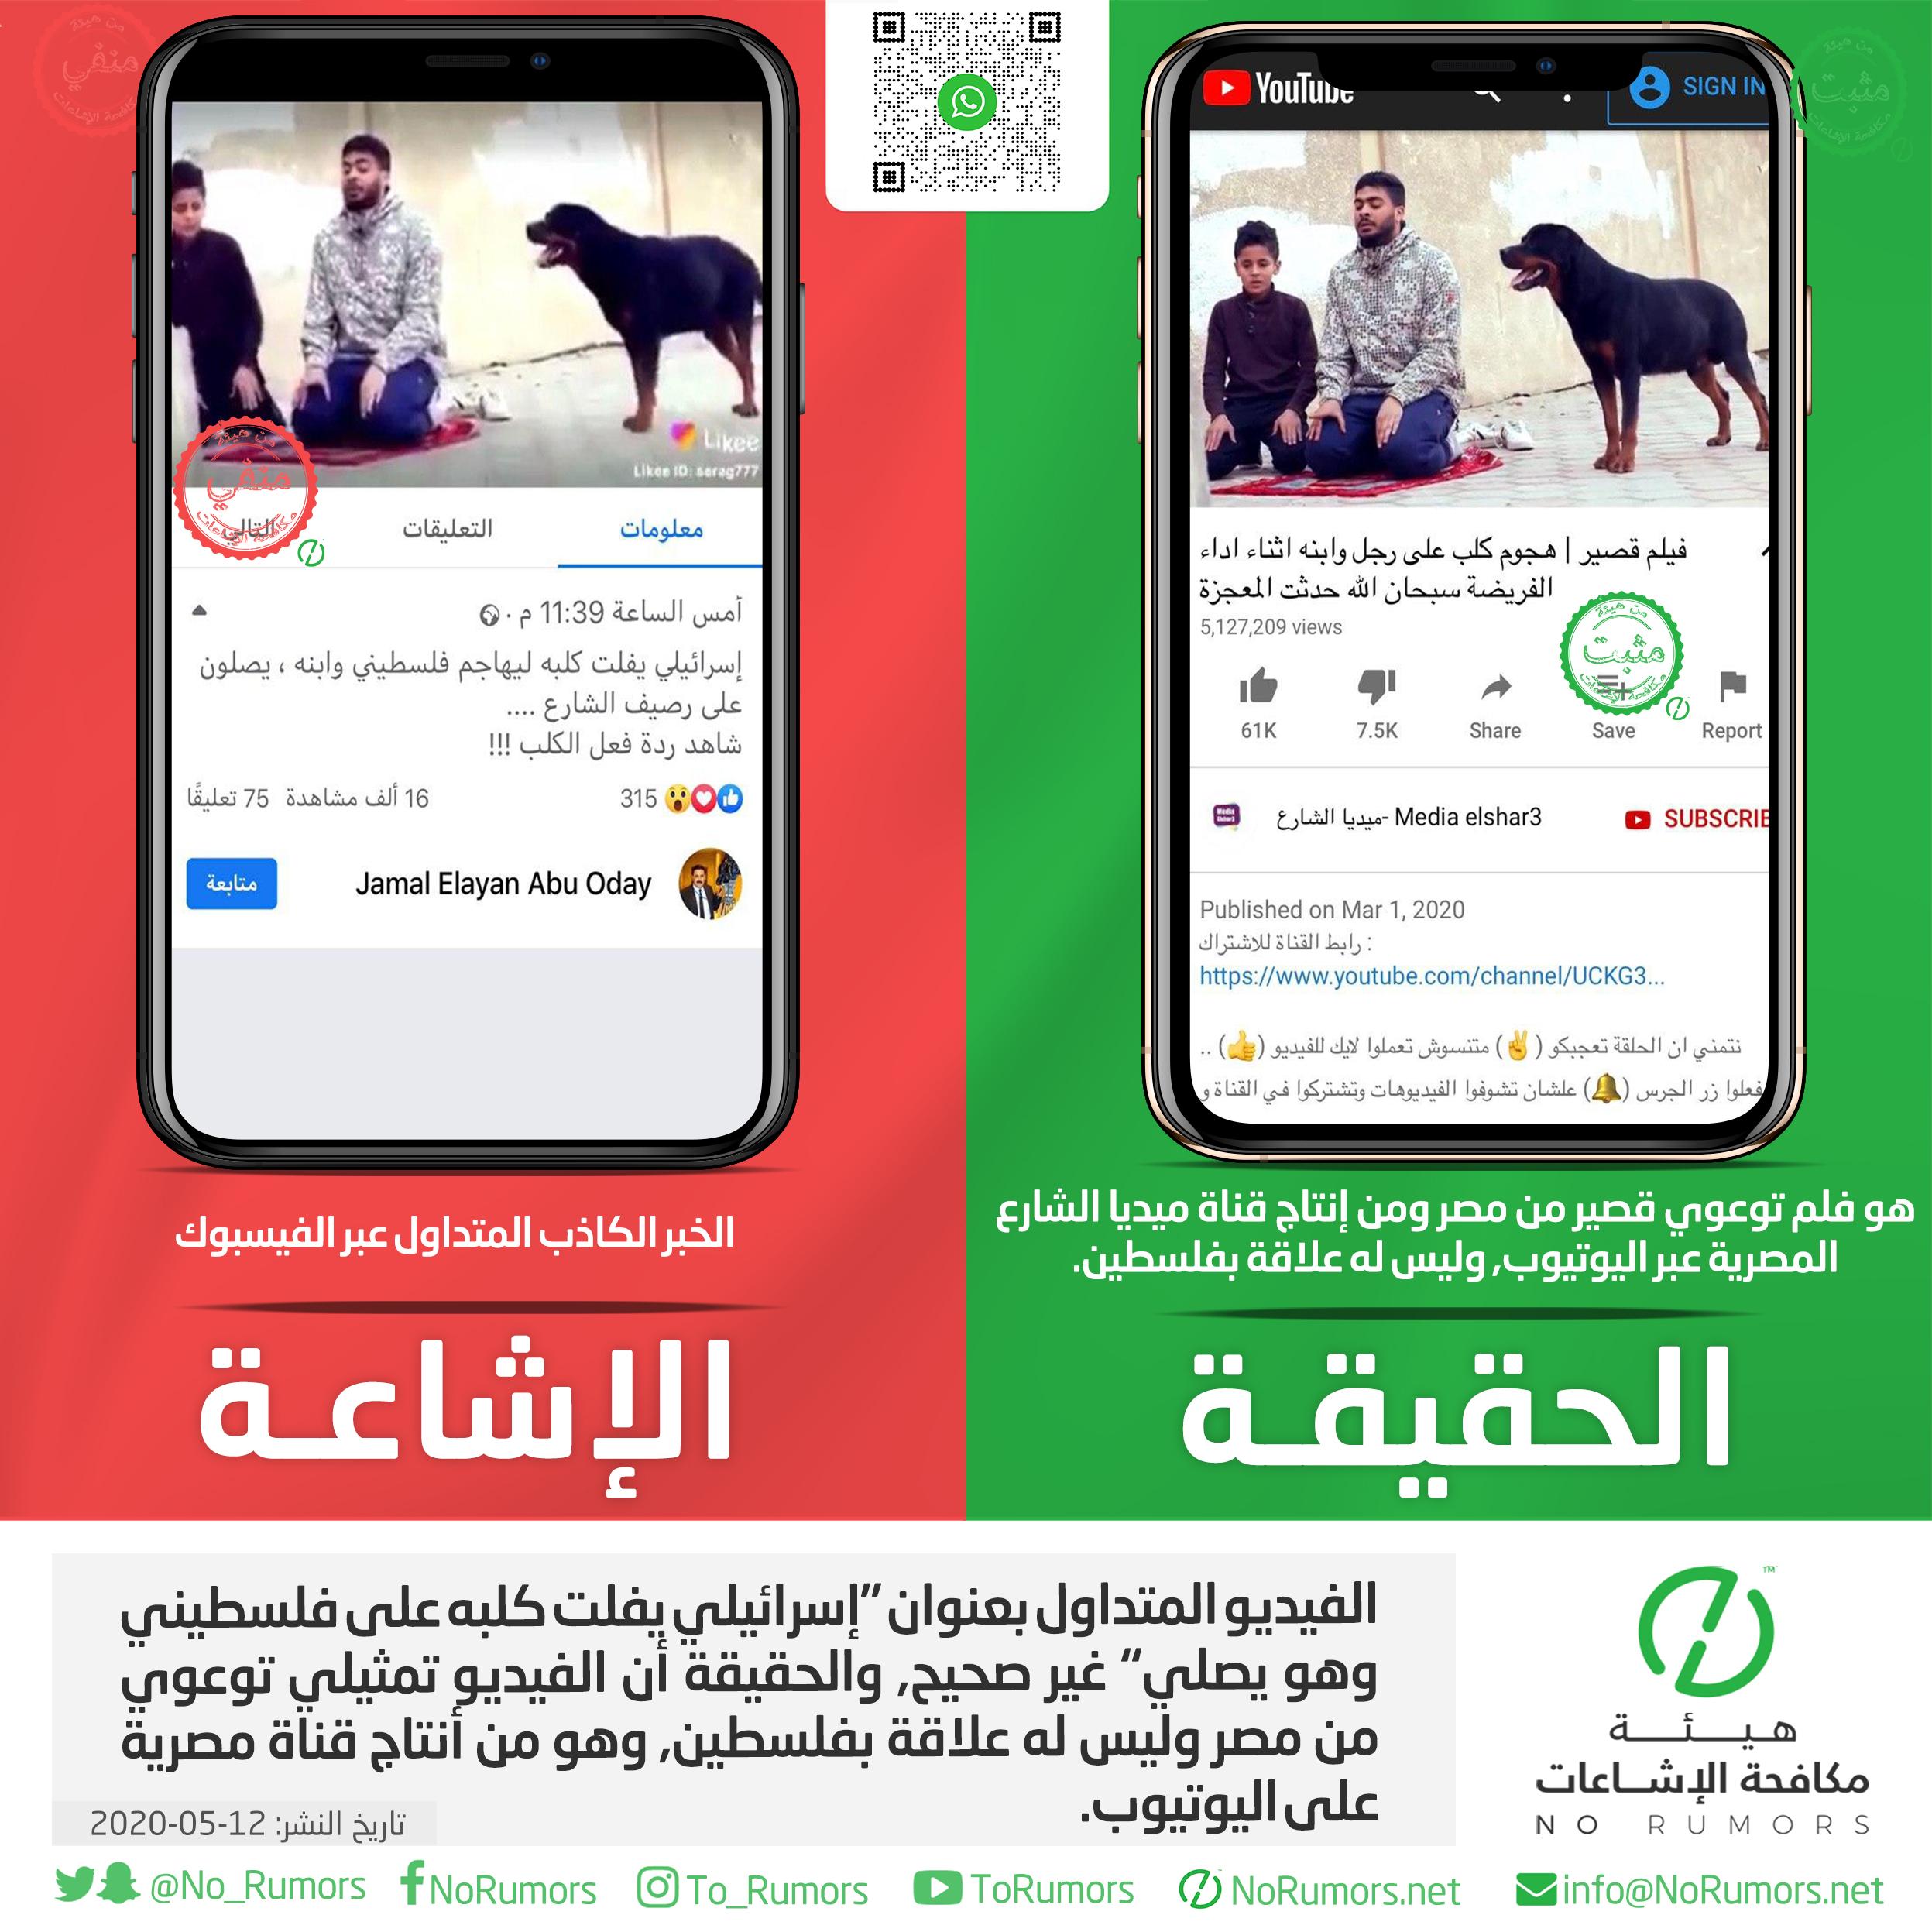 """حقيقة الفيديو المتداول بعنوان """"إسرائيلي يفلت كلبه على فلسطيني وهو يصلي"""""""